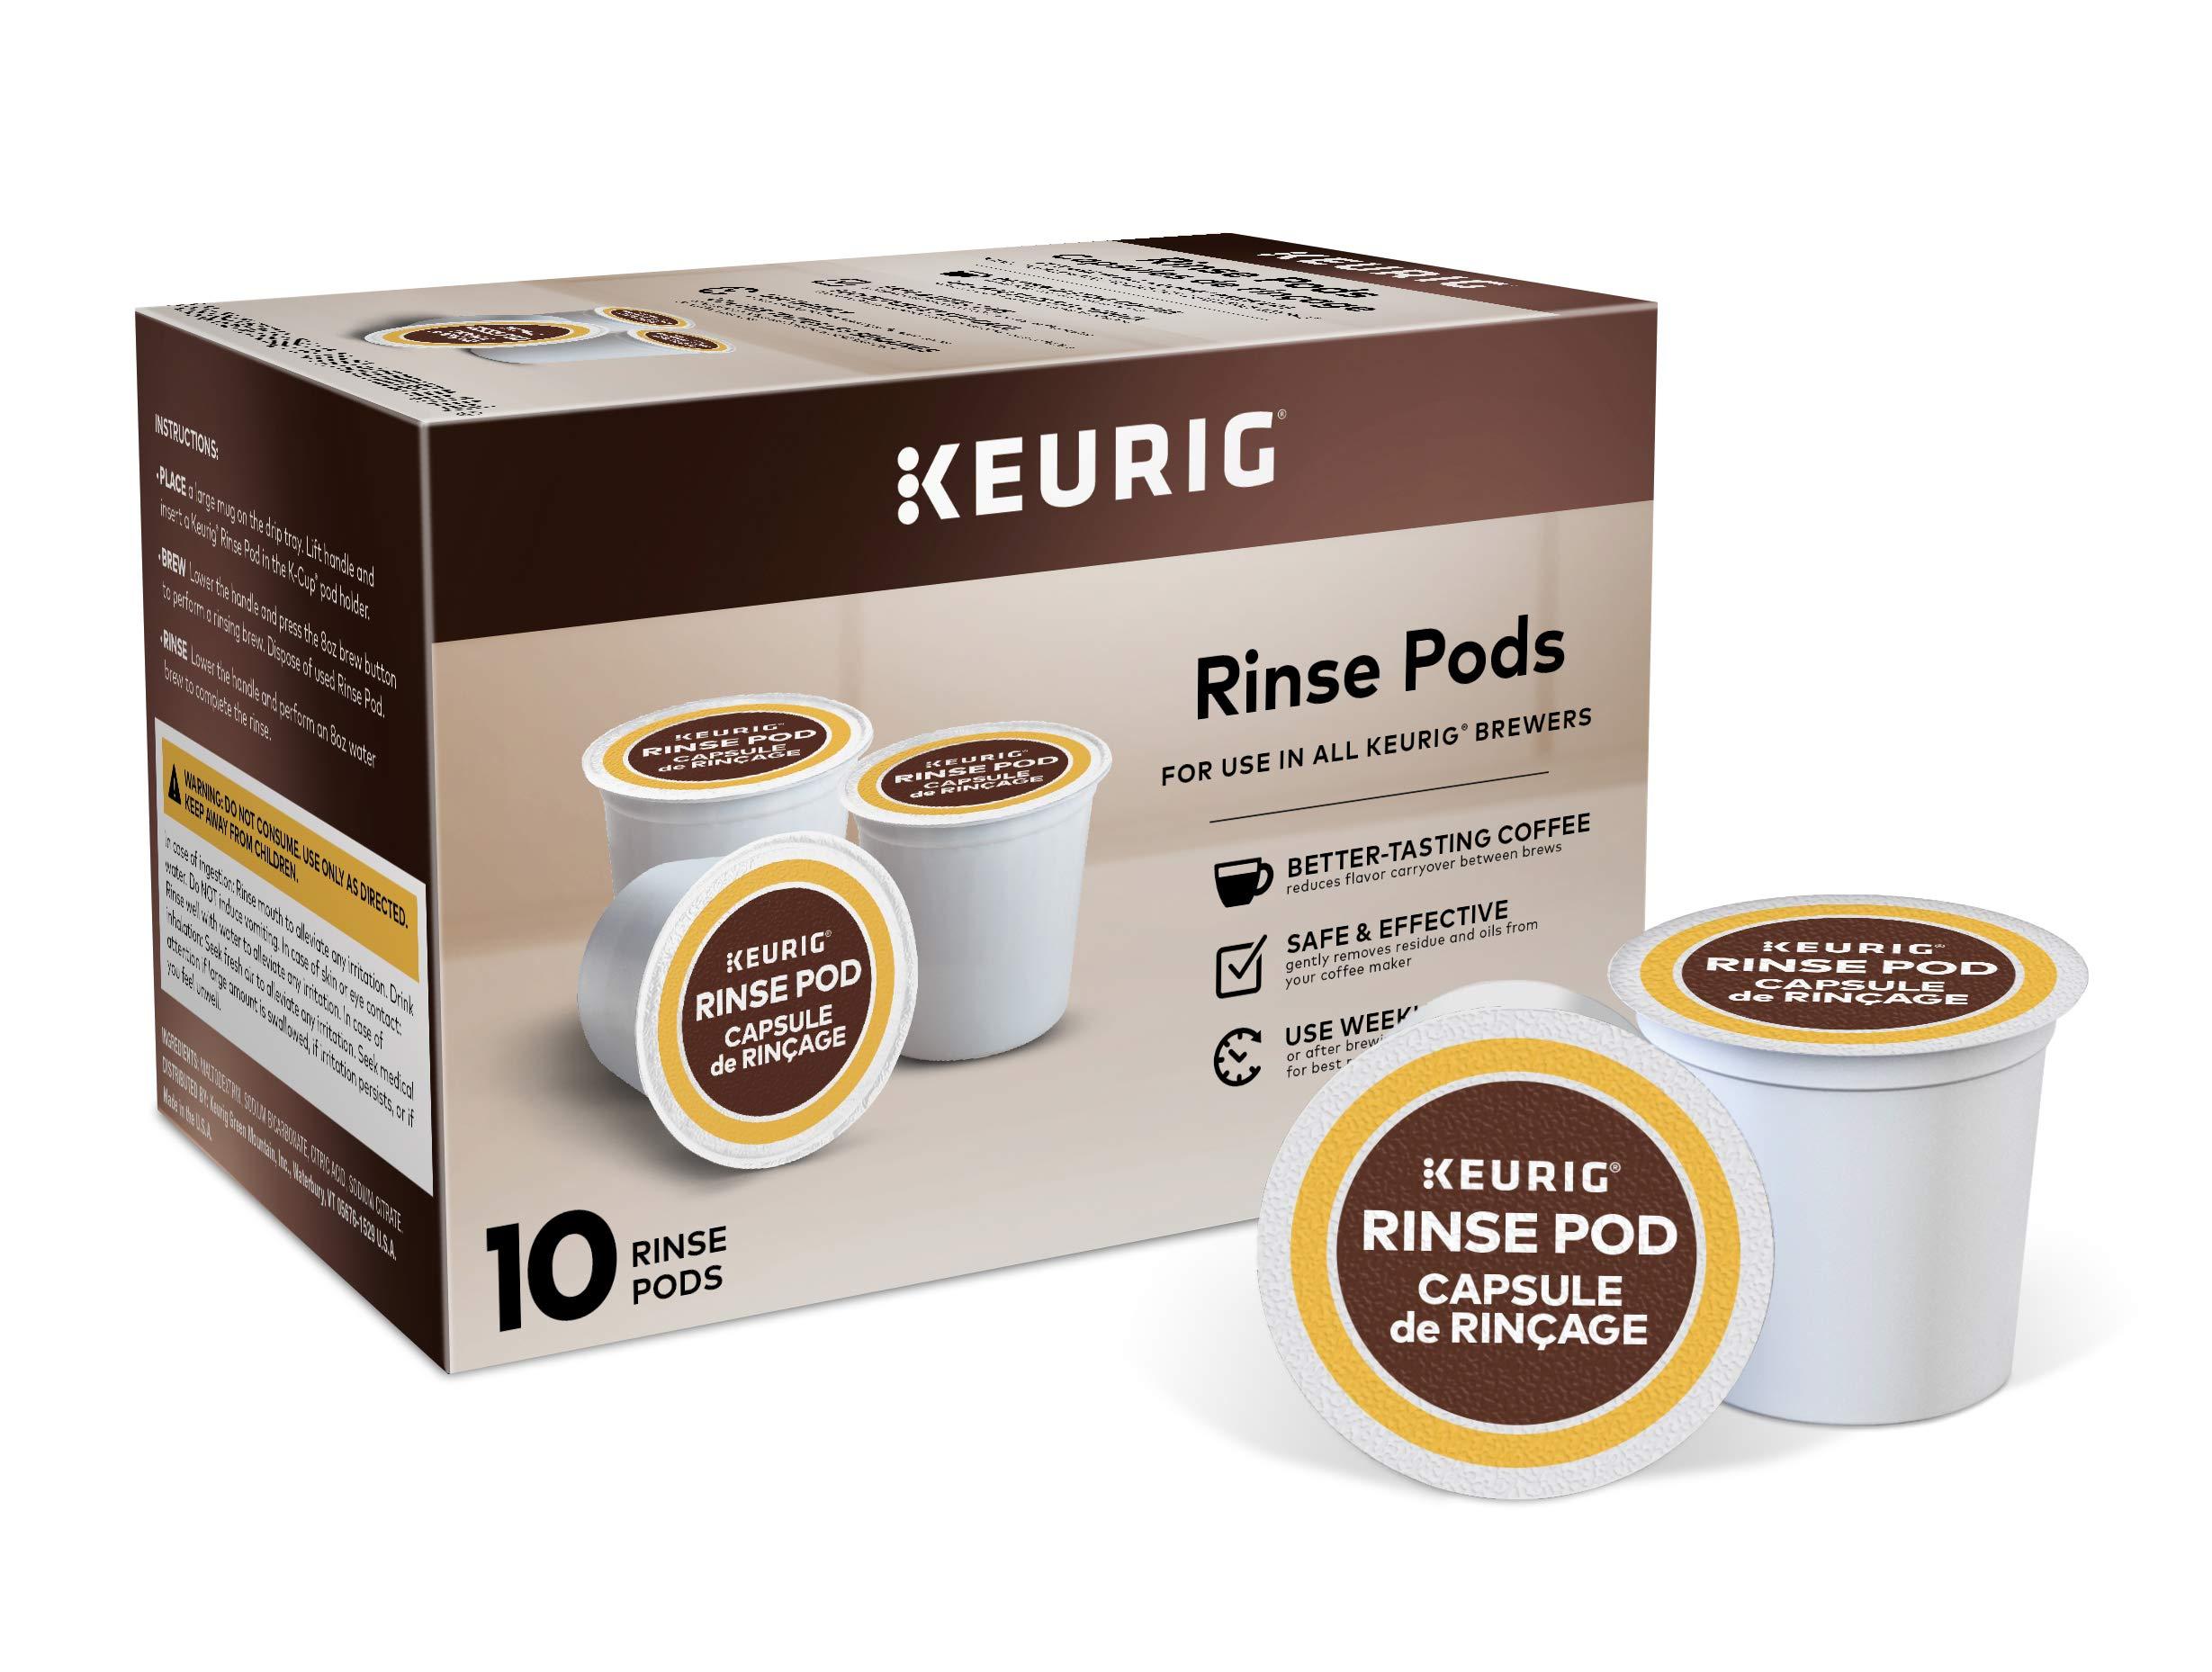 Keurig Set of 10 Rinse Pods Only $6.39 (Reg $7.79) + Free Store Pickup at Target.com!